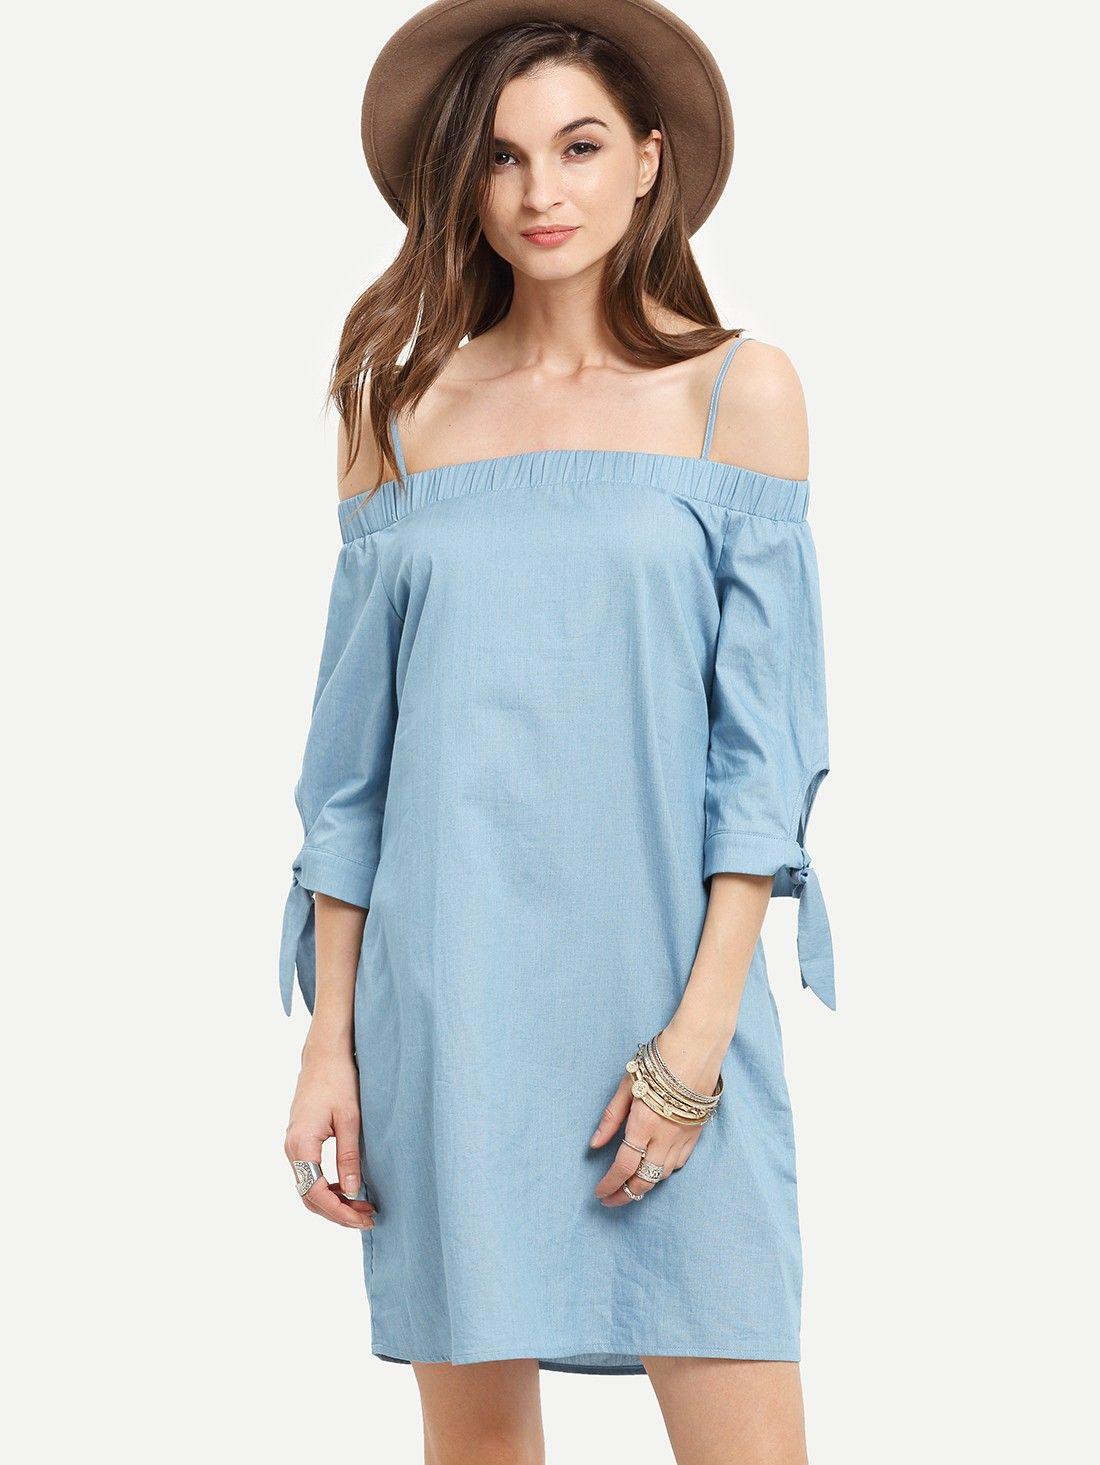 Schulterfrei Blau Kleid